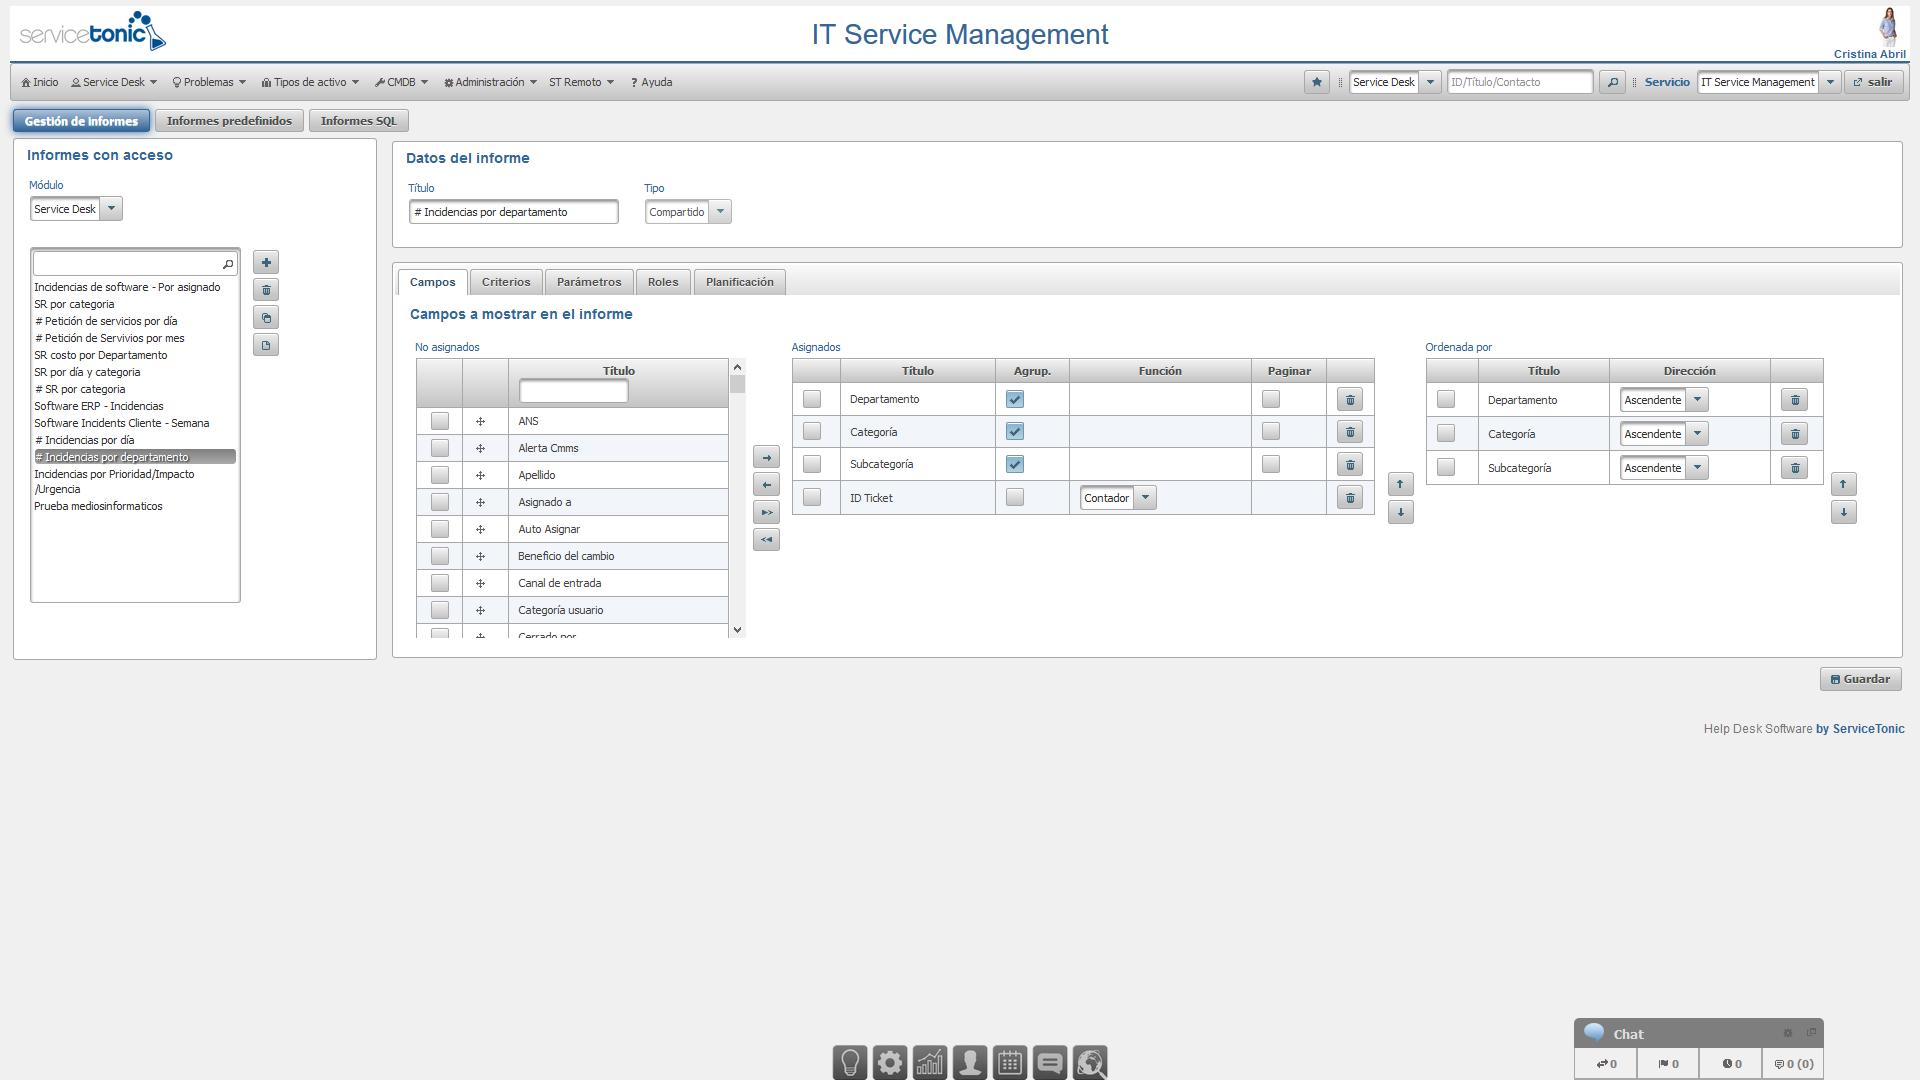 Configuración de informes personalizados